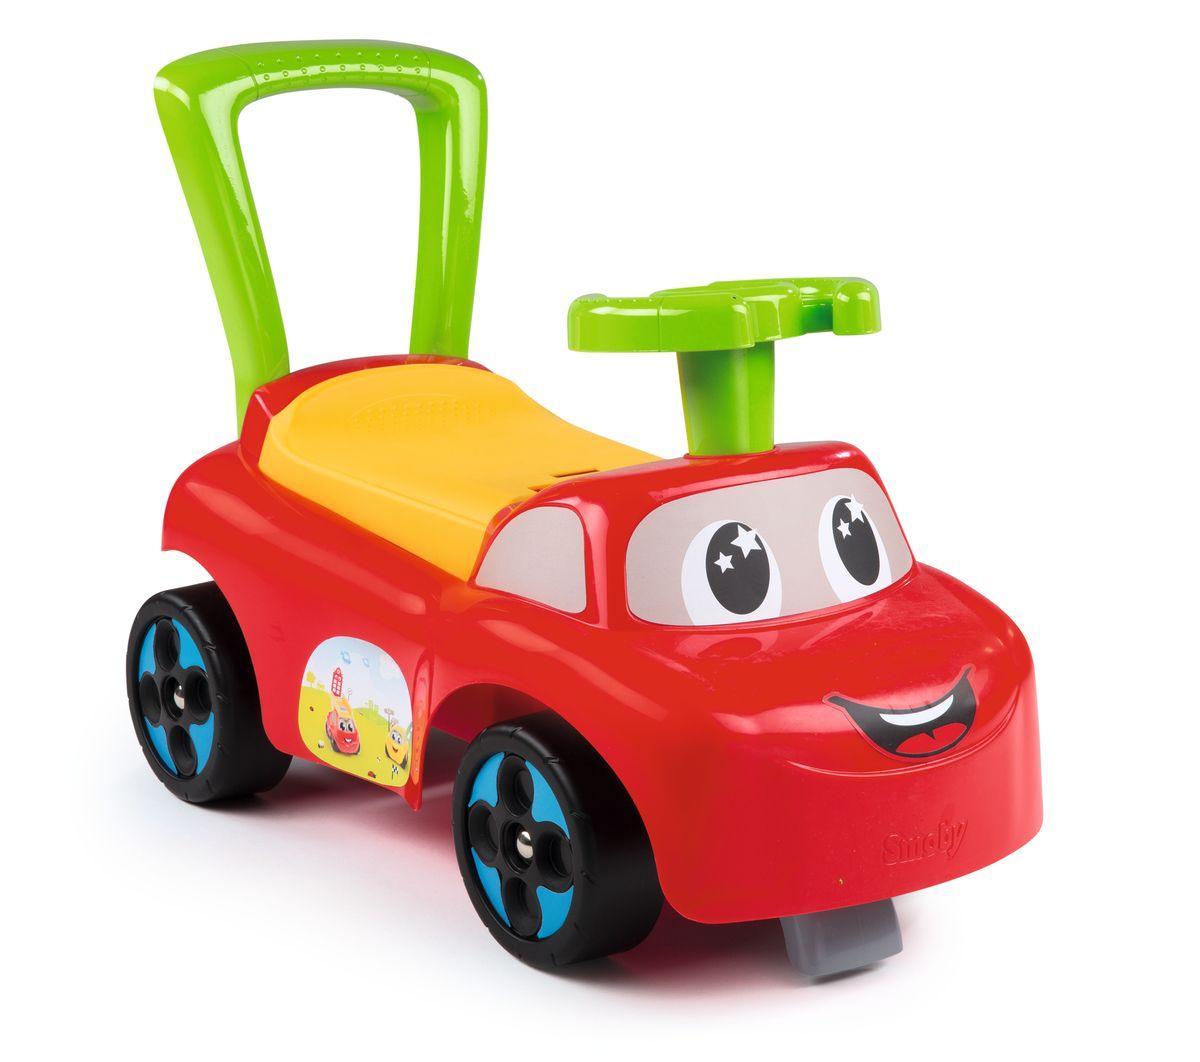 Smoby Машинка-каталка цвет красный -  Каталки, понициклы